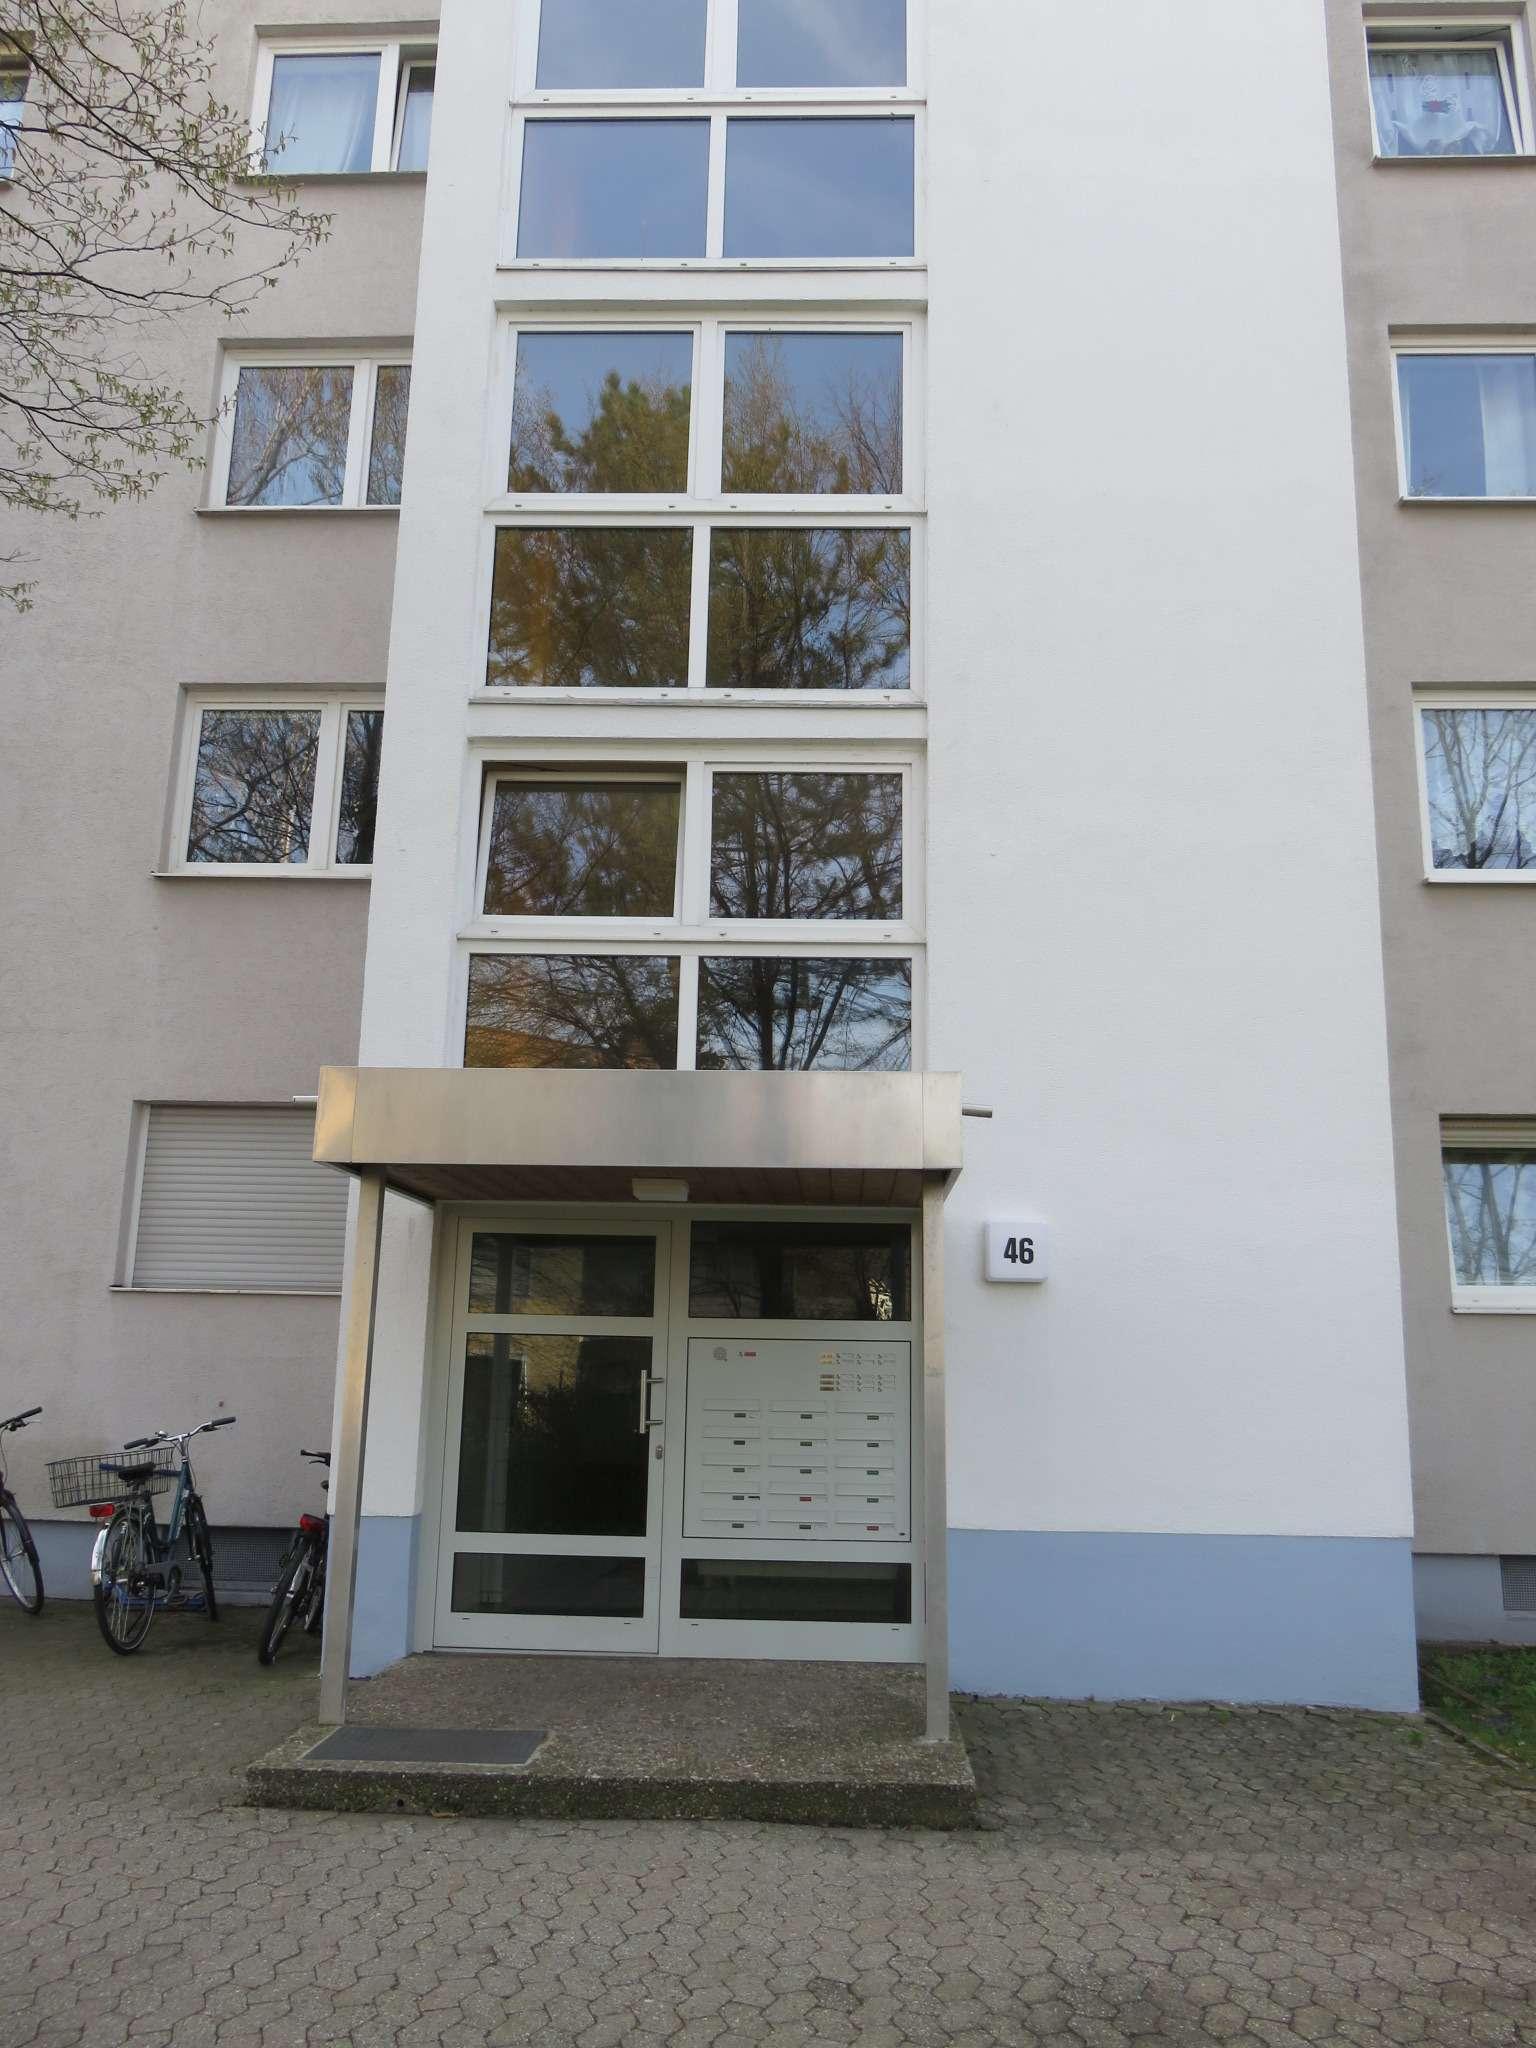 Schöne, familienfreundliche 4-Zimmer-Wohnung mit Loggia direkt am Fußballstadion zu vermieten in Ronhof / Kronach (Fürth)